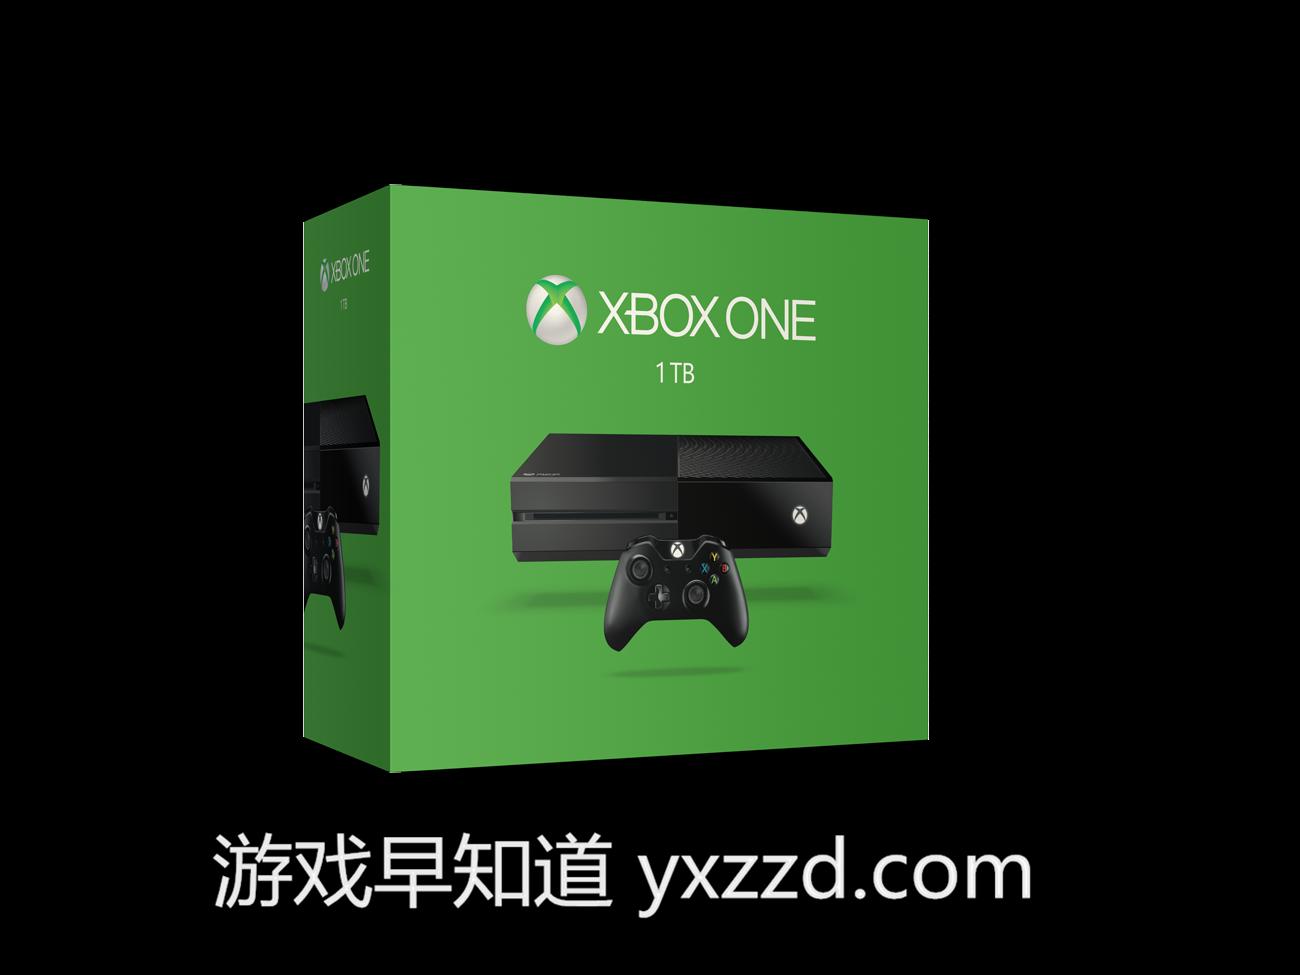 新版1TB xboxone